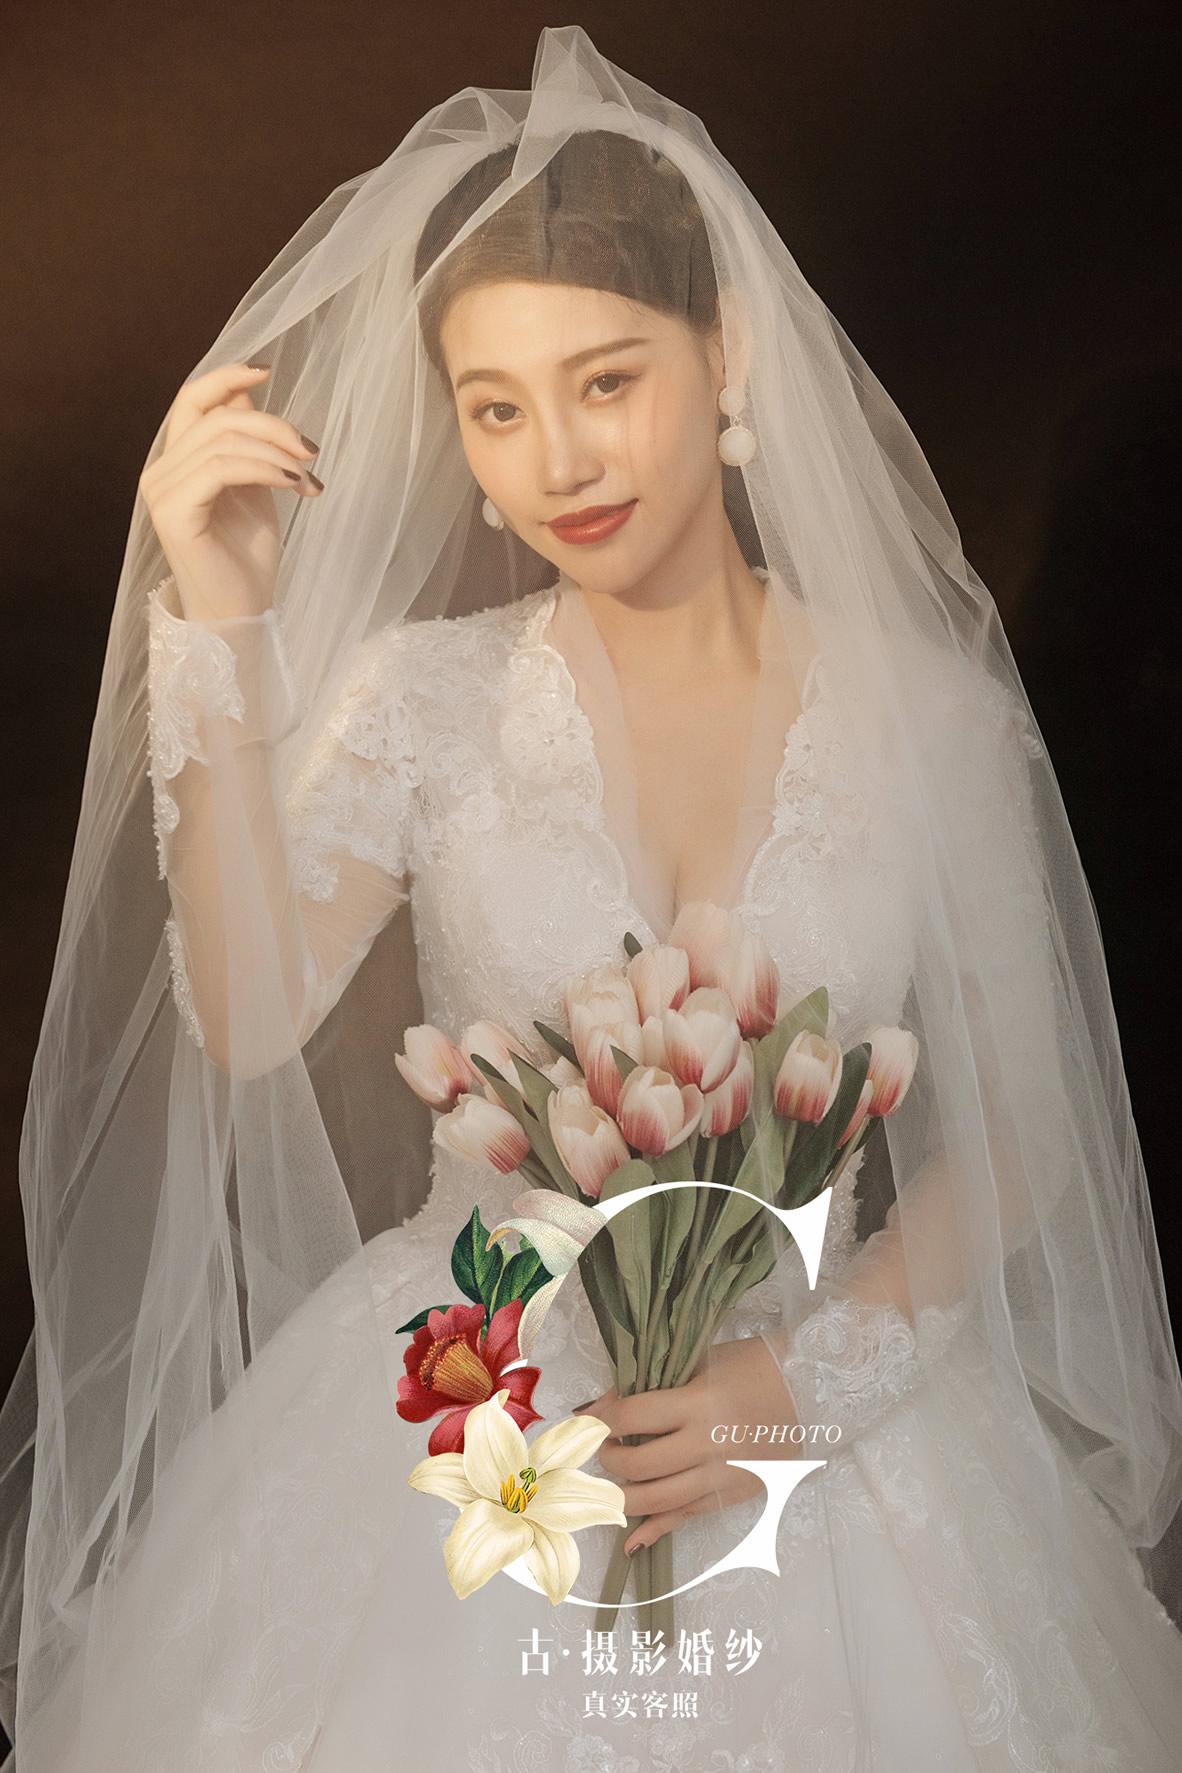 刘先生 杨小姐 - 每日客照 - love昆明古摄影-昆明婚纱摄影网